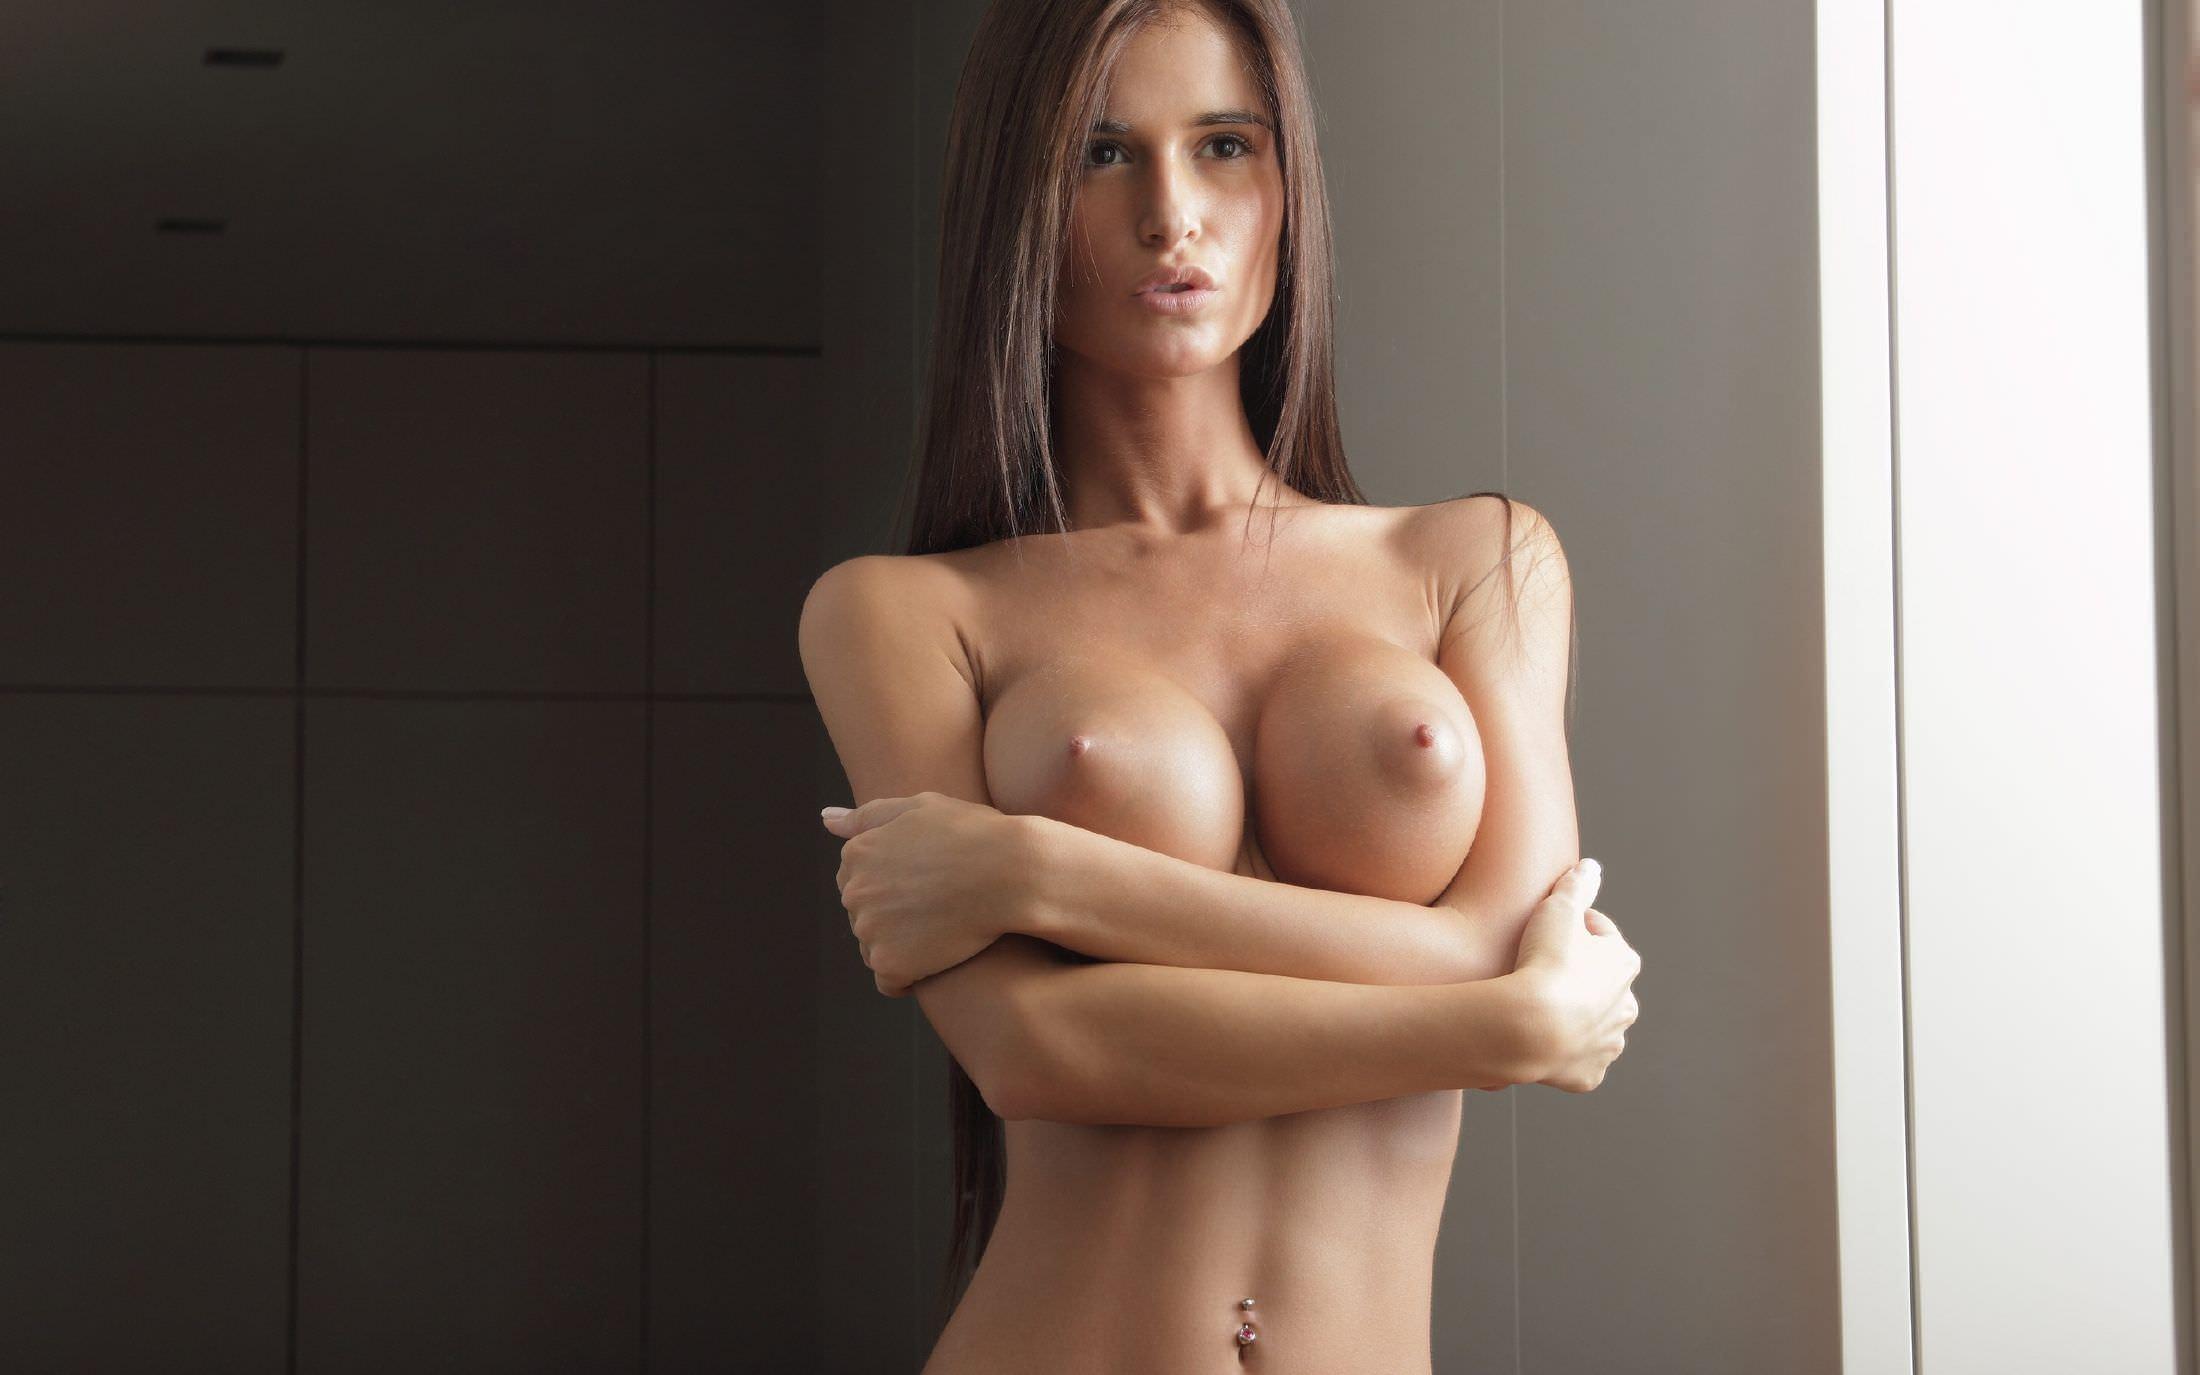 упругие соски голых девушек